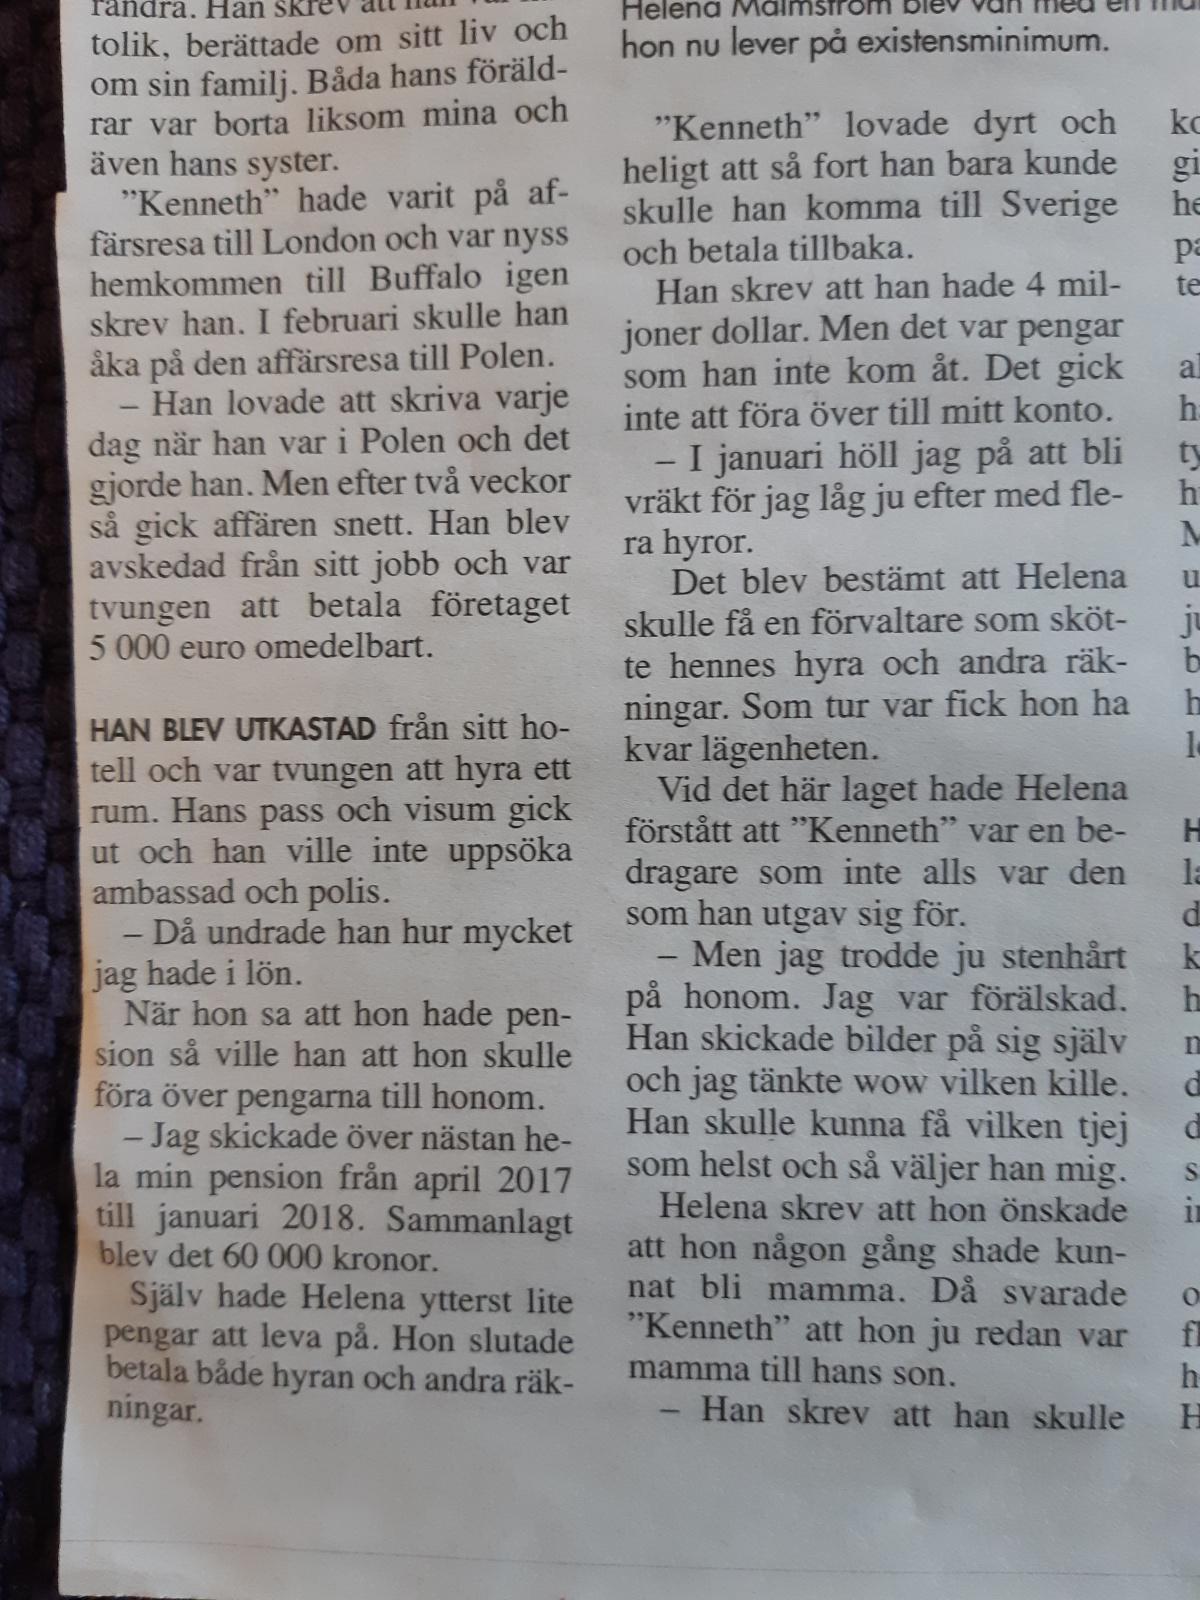 Tidningsartiklar från Stenungsundstidningen, Expressen, Hemmets Journal, Göteborgsposten och Tranås-Posten